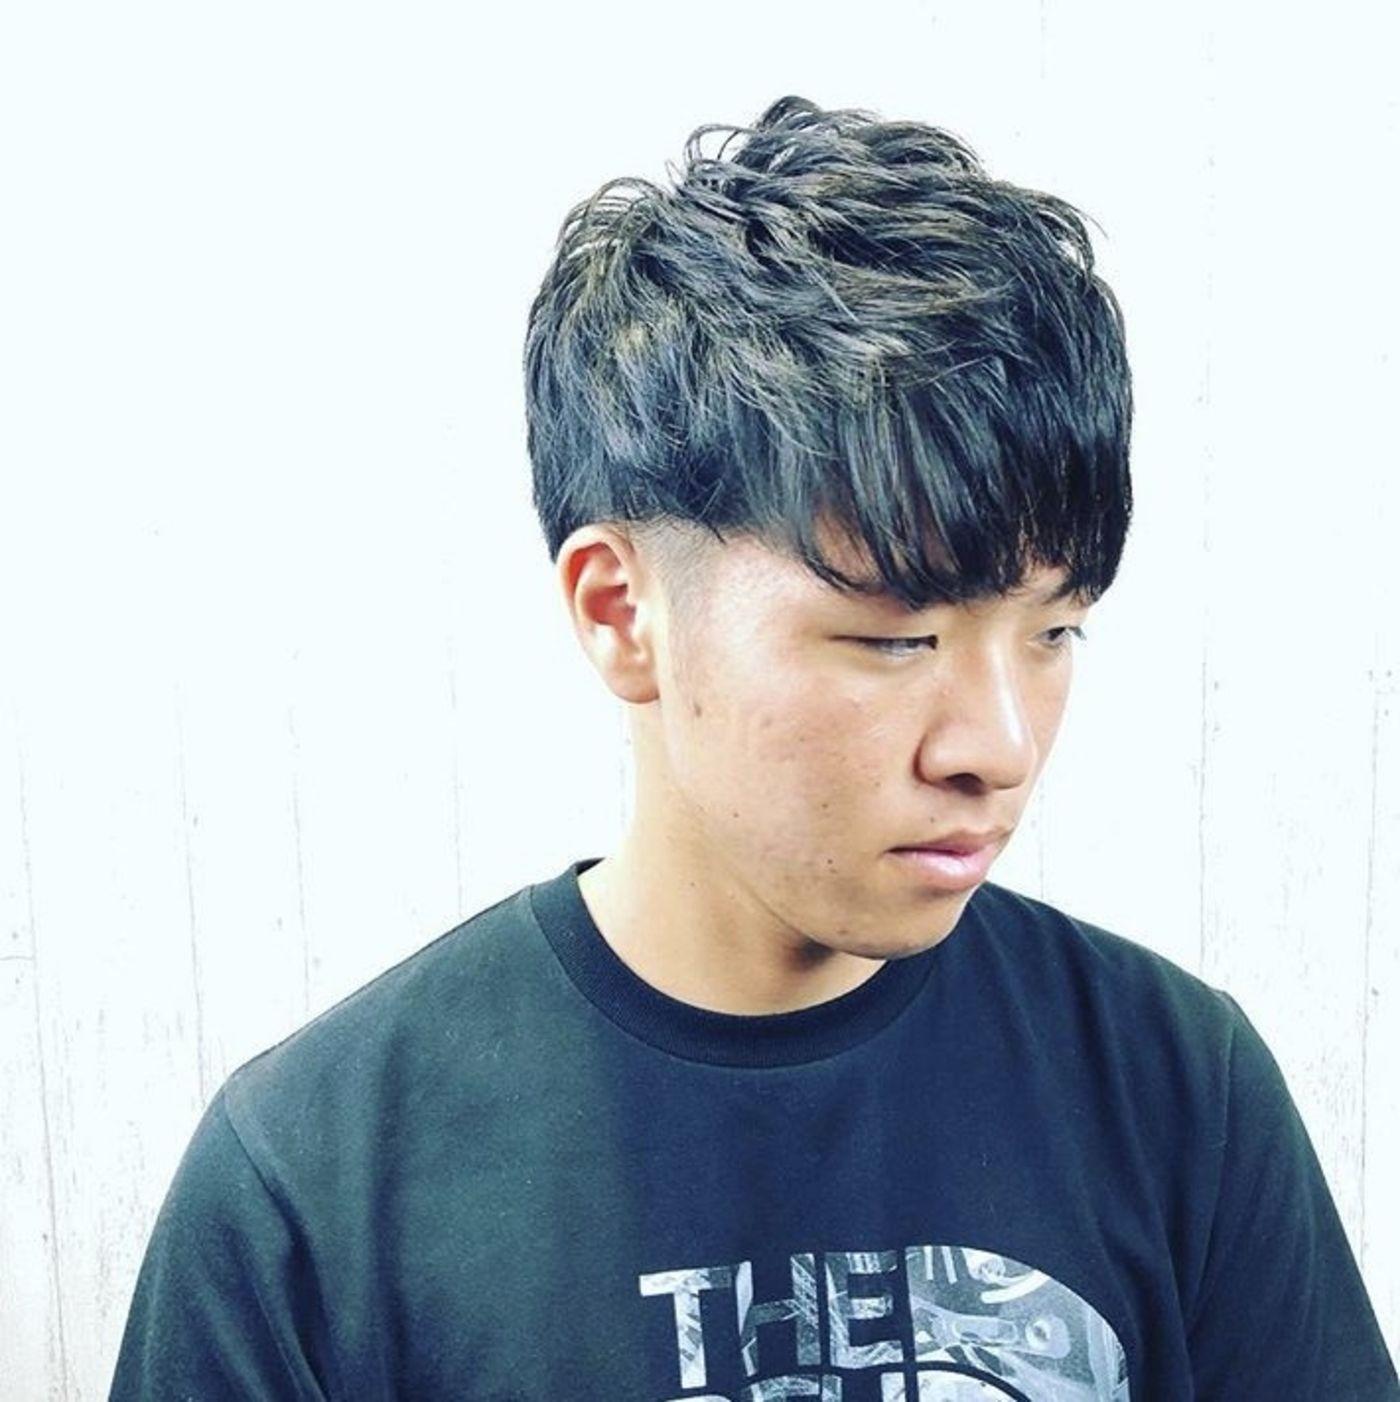 【前髪のうねりがきになる方は??】